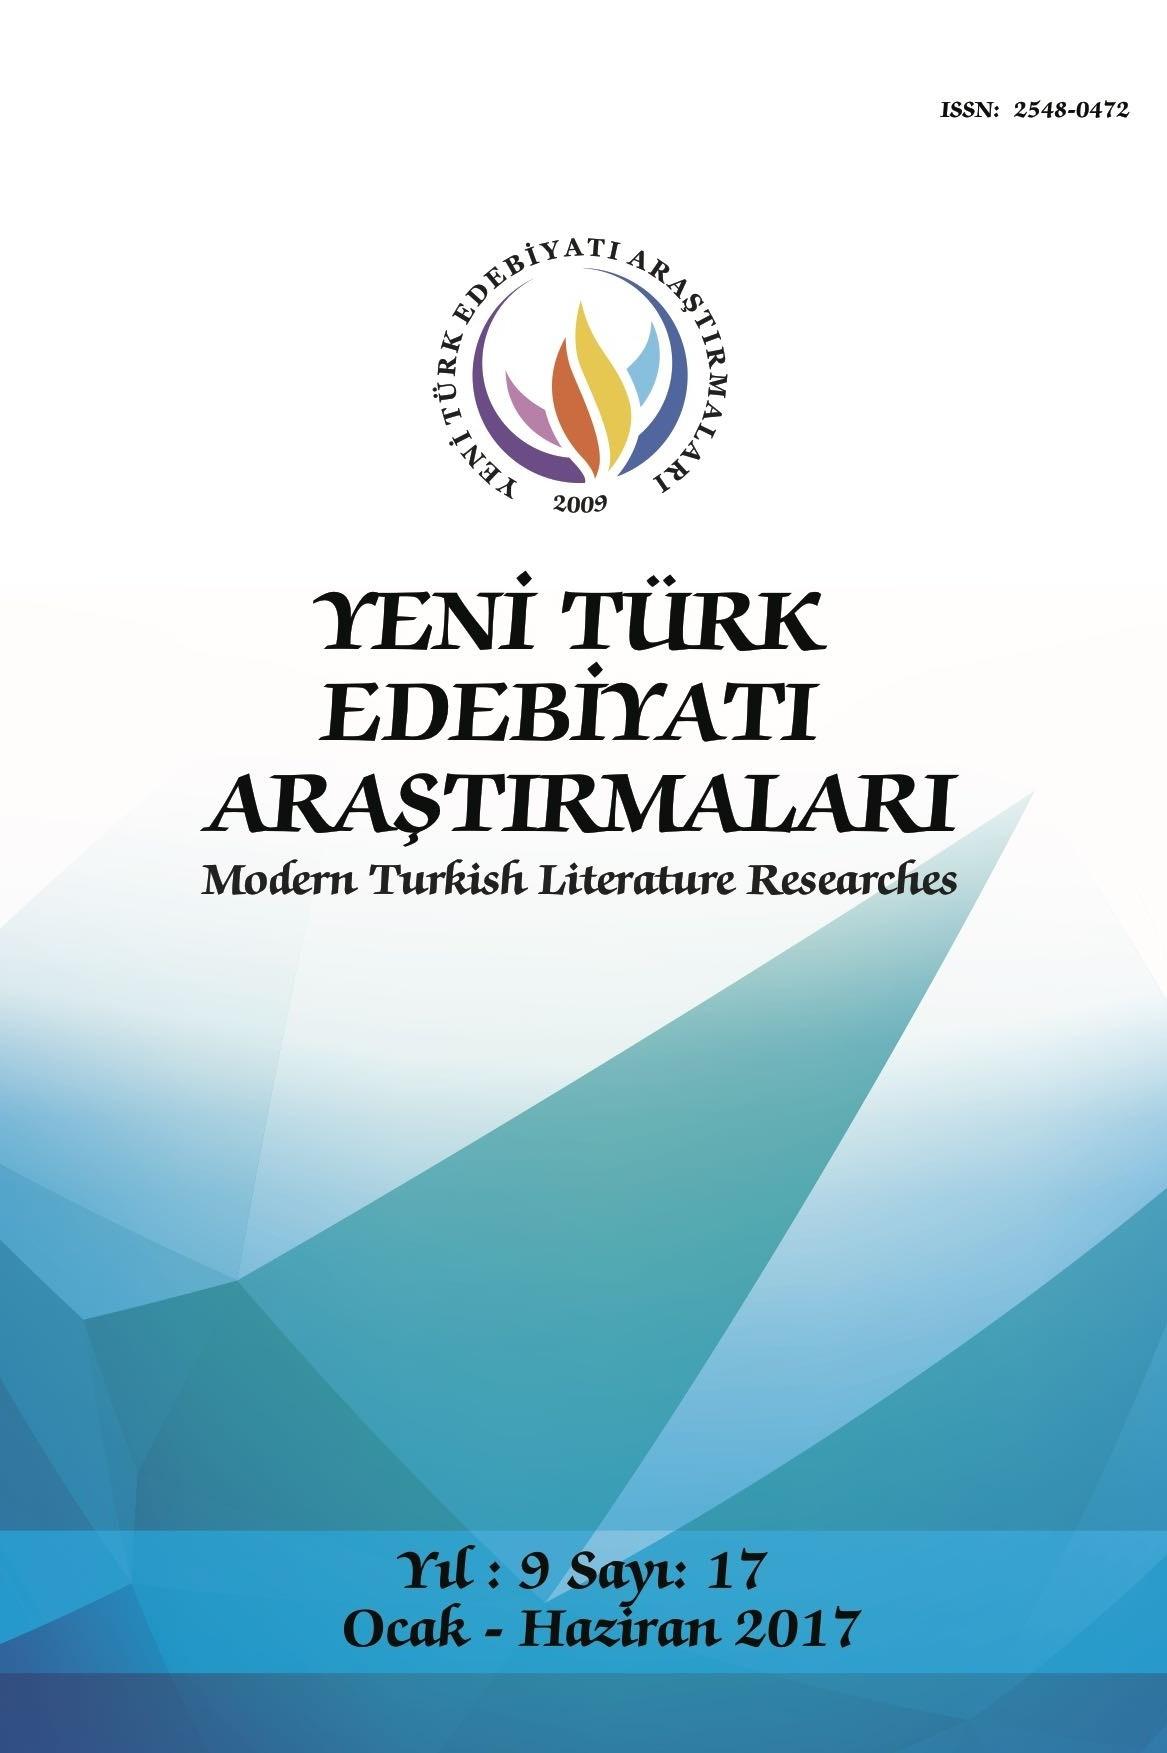 Yeni Türk Edebiyatı Araştırmaları